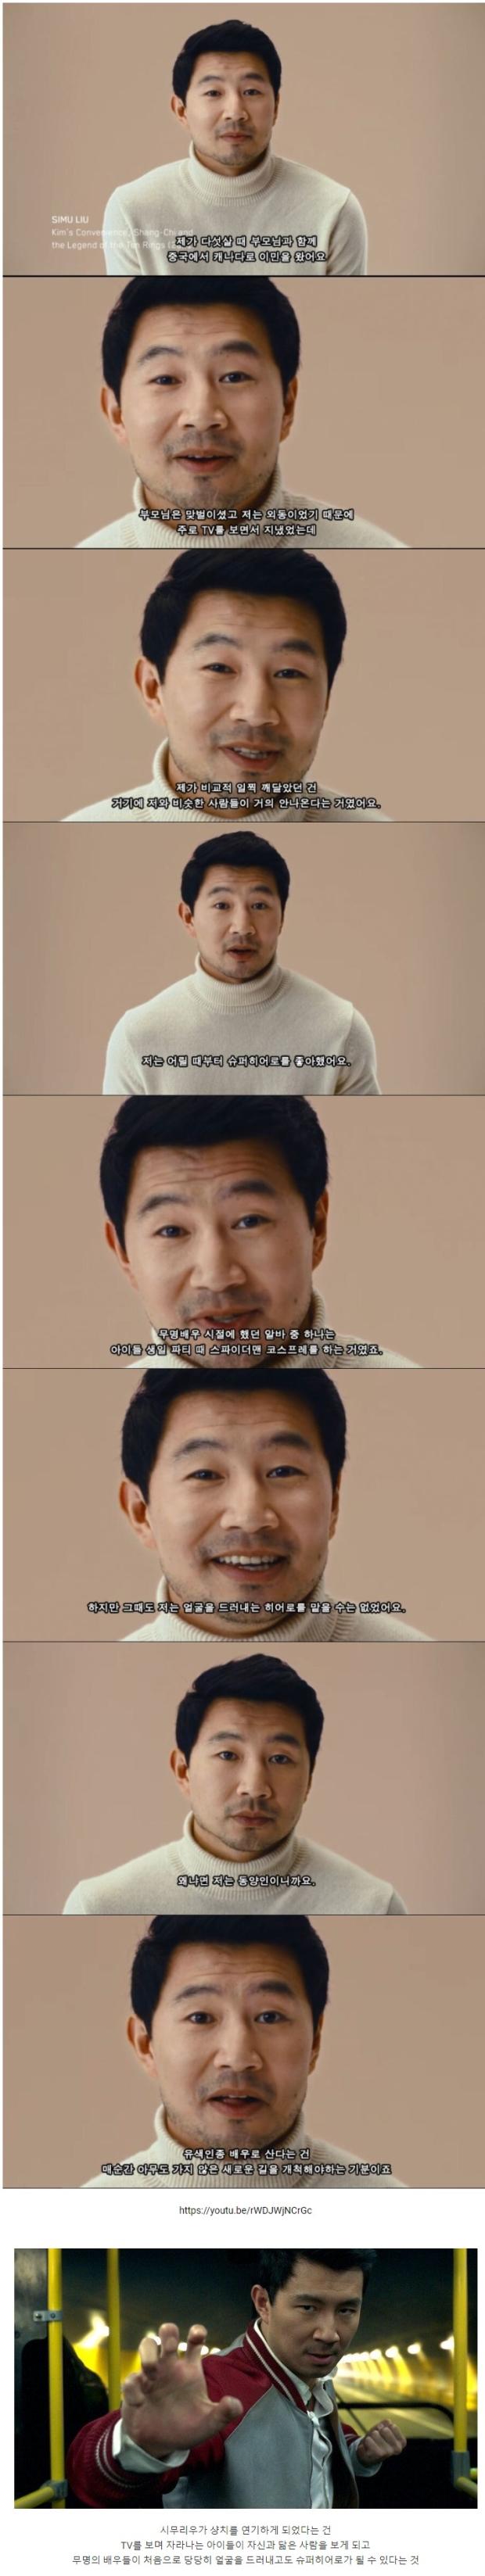 서양에서 동양인 배우로 산다는 것